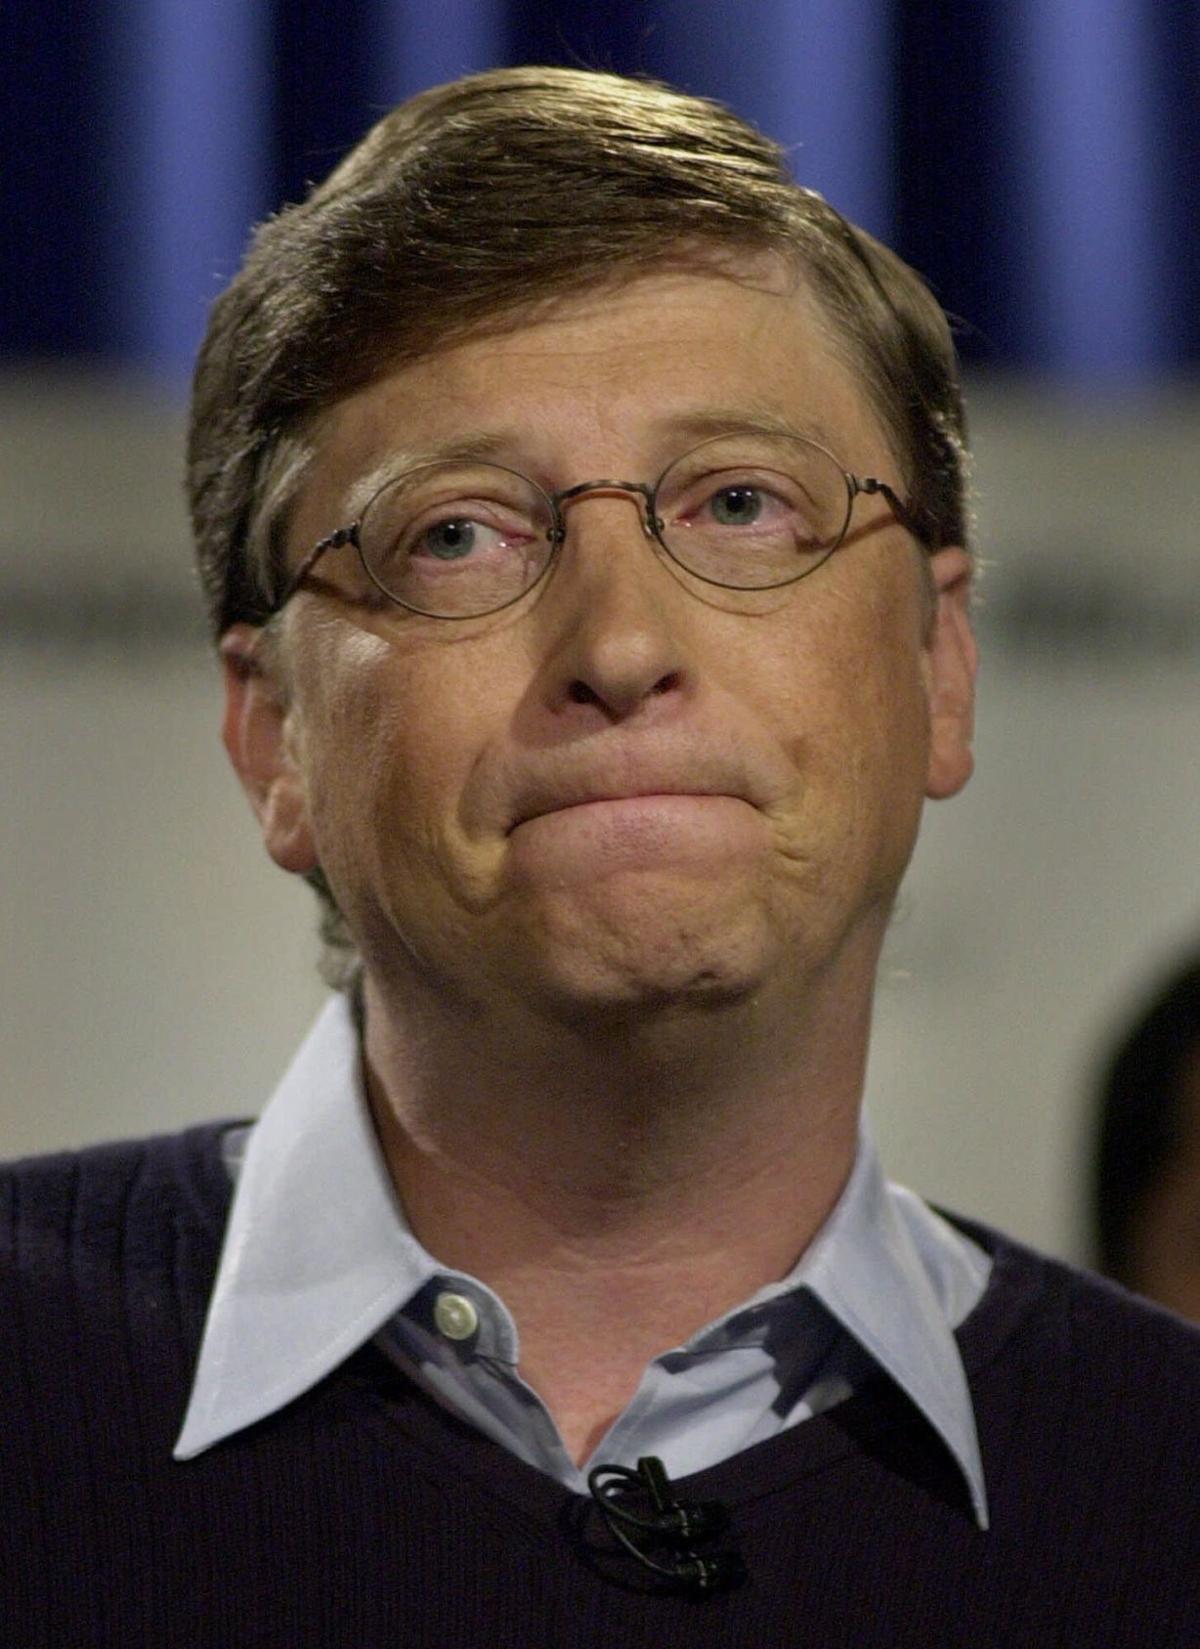 Gates, Buffett again top Forbes' billionaires list; local CEO at No. 228